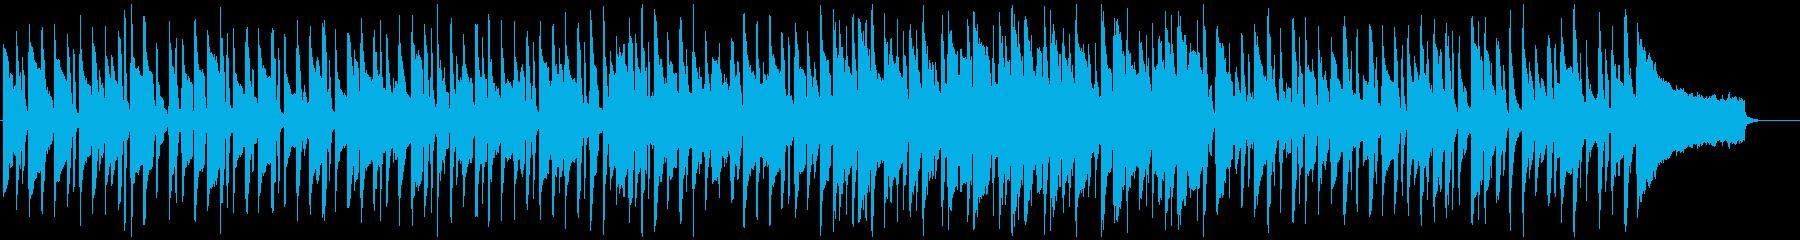 ほのぼのリコーダーのゆるい日常BGMの再生済みの波形